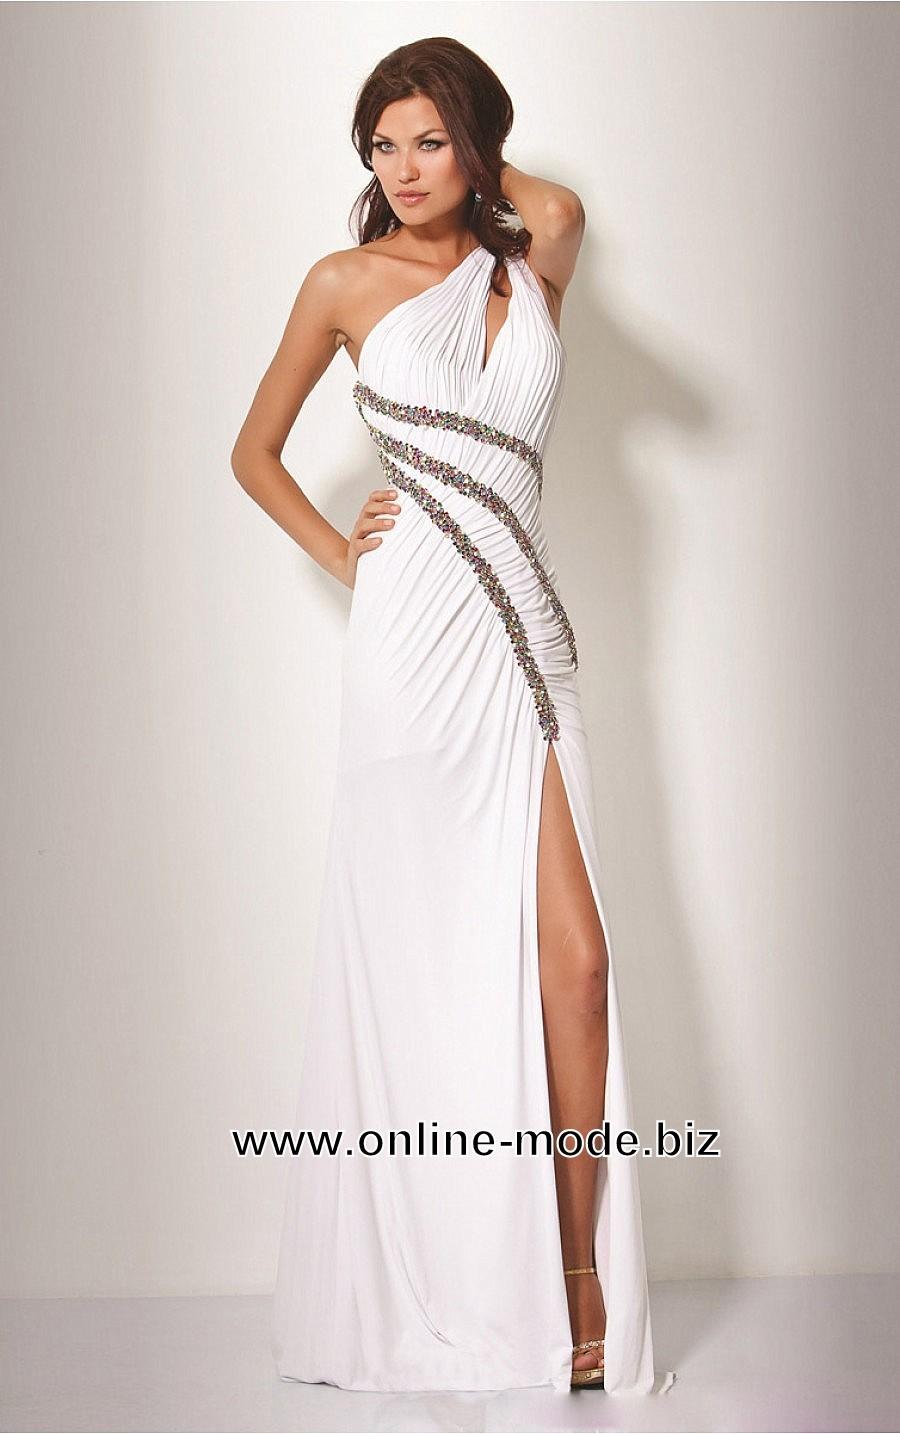 Pin auf Abendkleider in Weiß 5 neuesten Trends